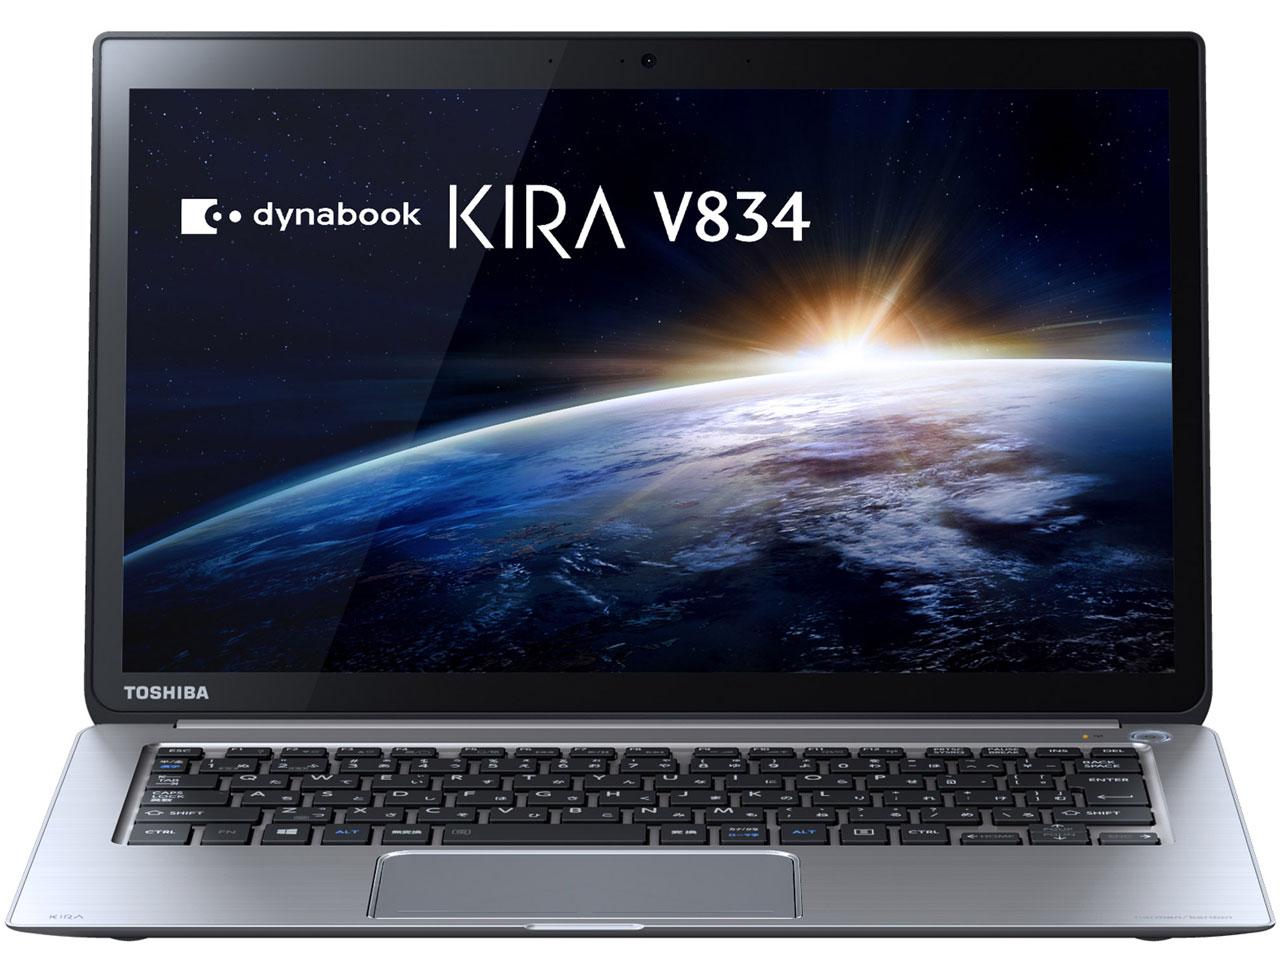 東芝 PV83429KNXS プレミアムシルバー dynabook KIRA V834 V834/29KS [ノートパソコン 13.3型ワイ...